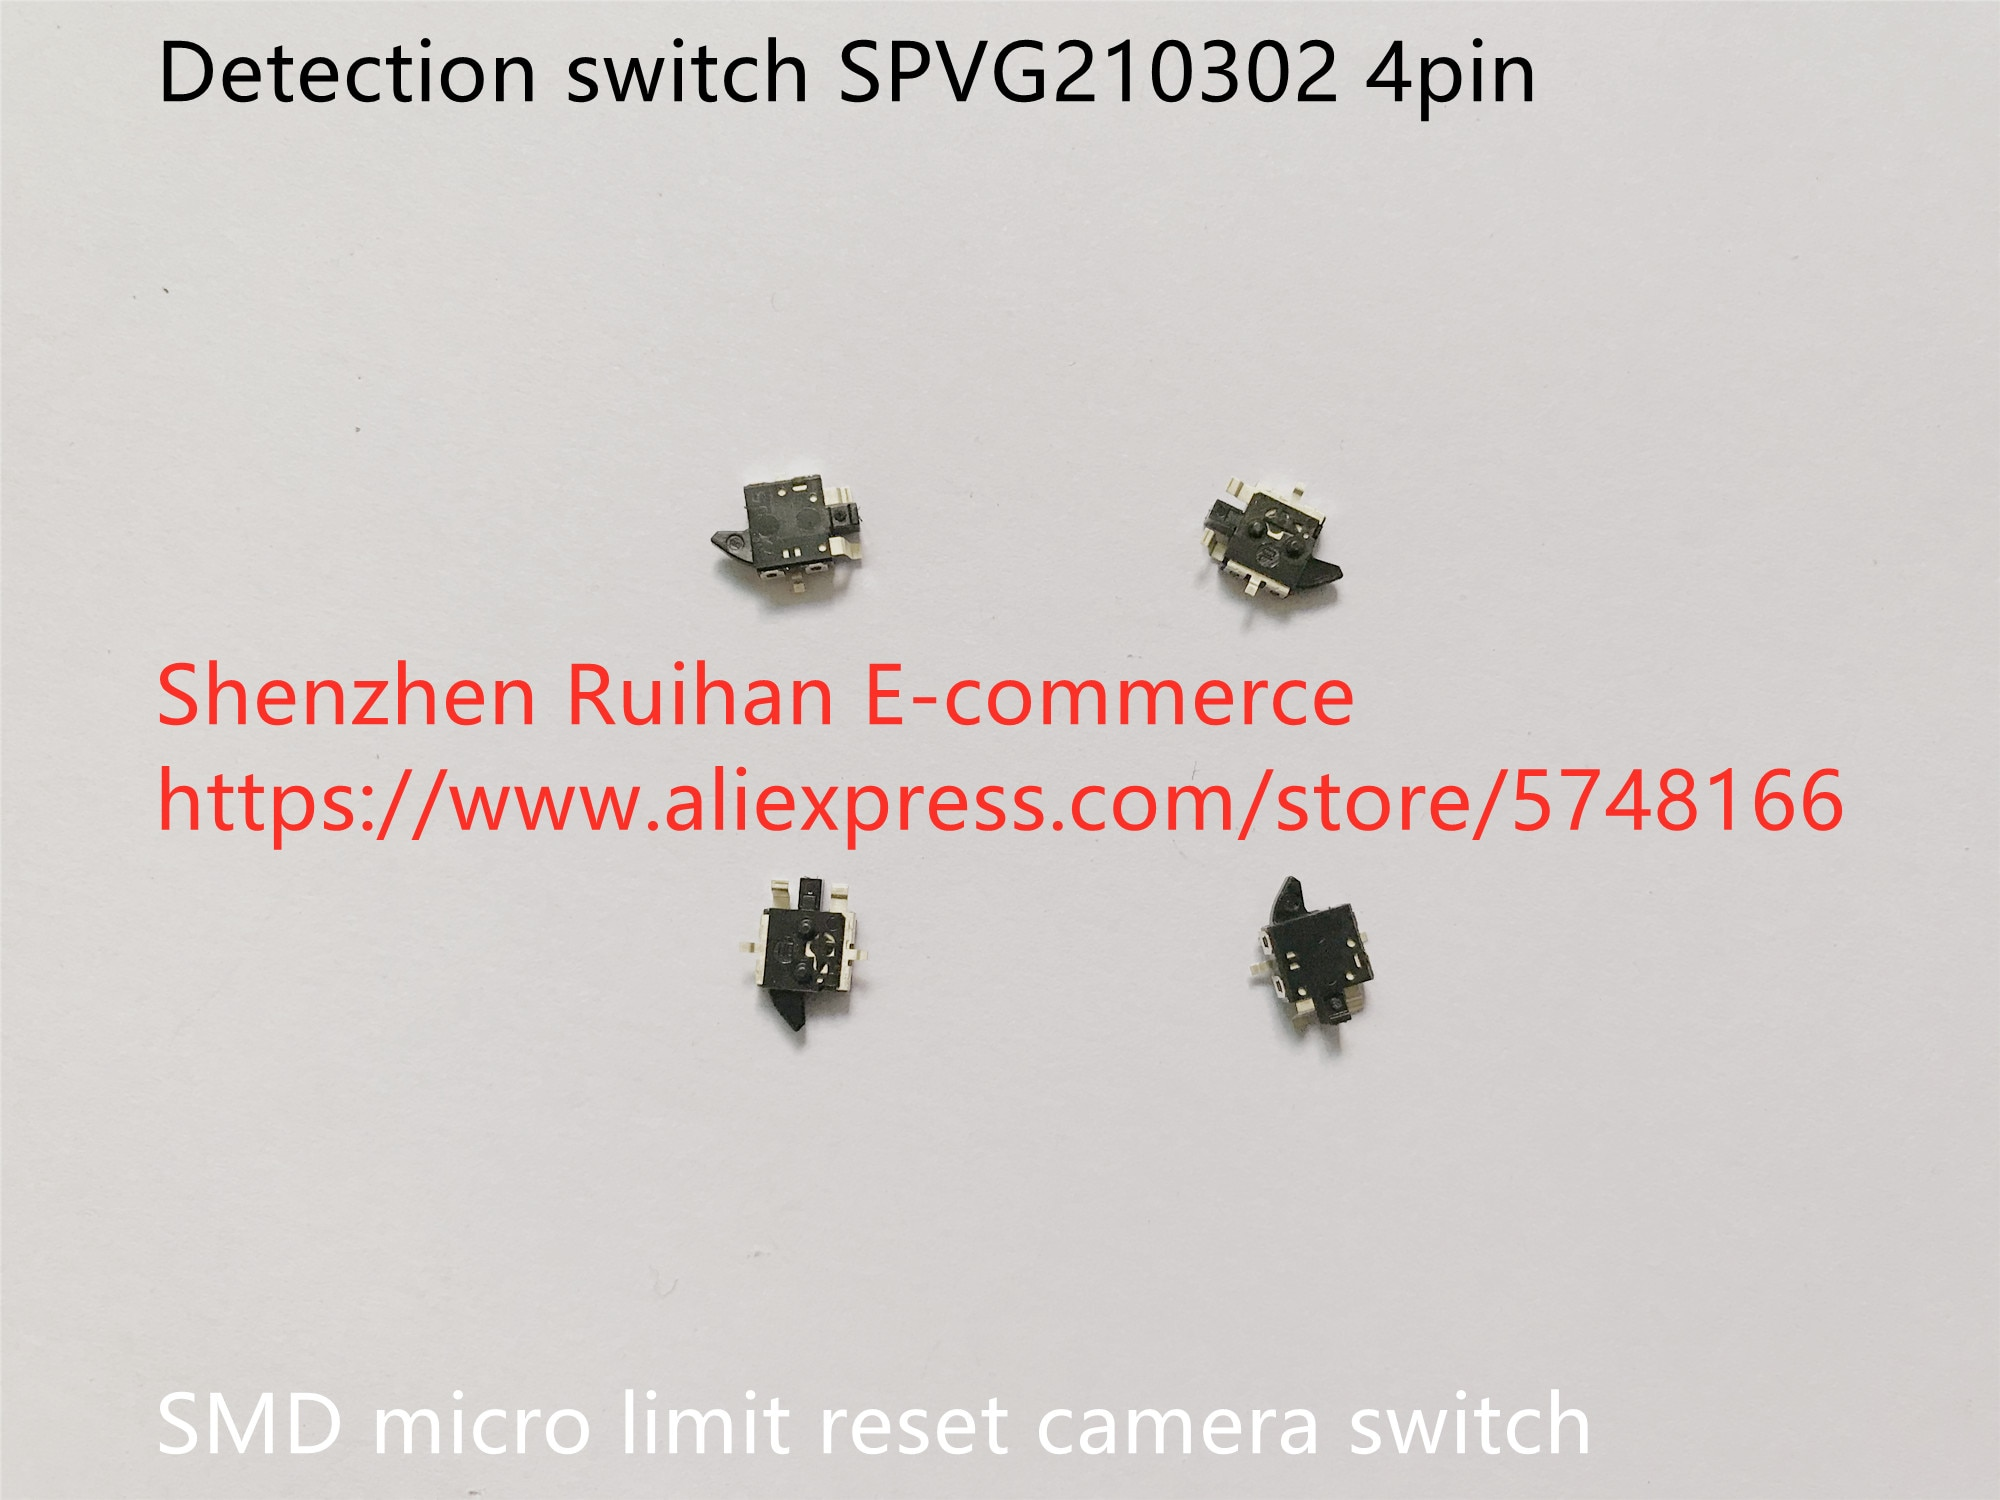 مفتاح كشف 100% SMD ، 4pin ، SPVG210302 ، إعادة ضبط الحد الصغير للكاميرا ، أصلي وجديد